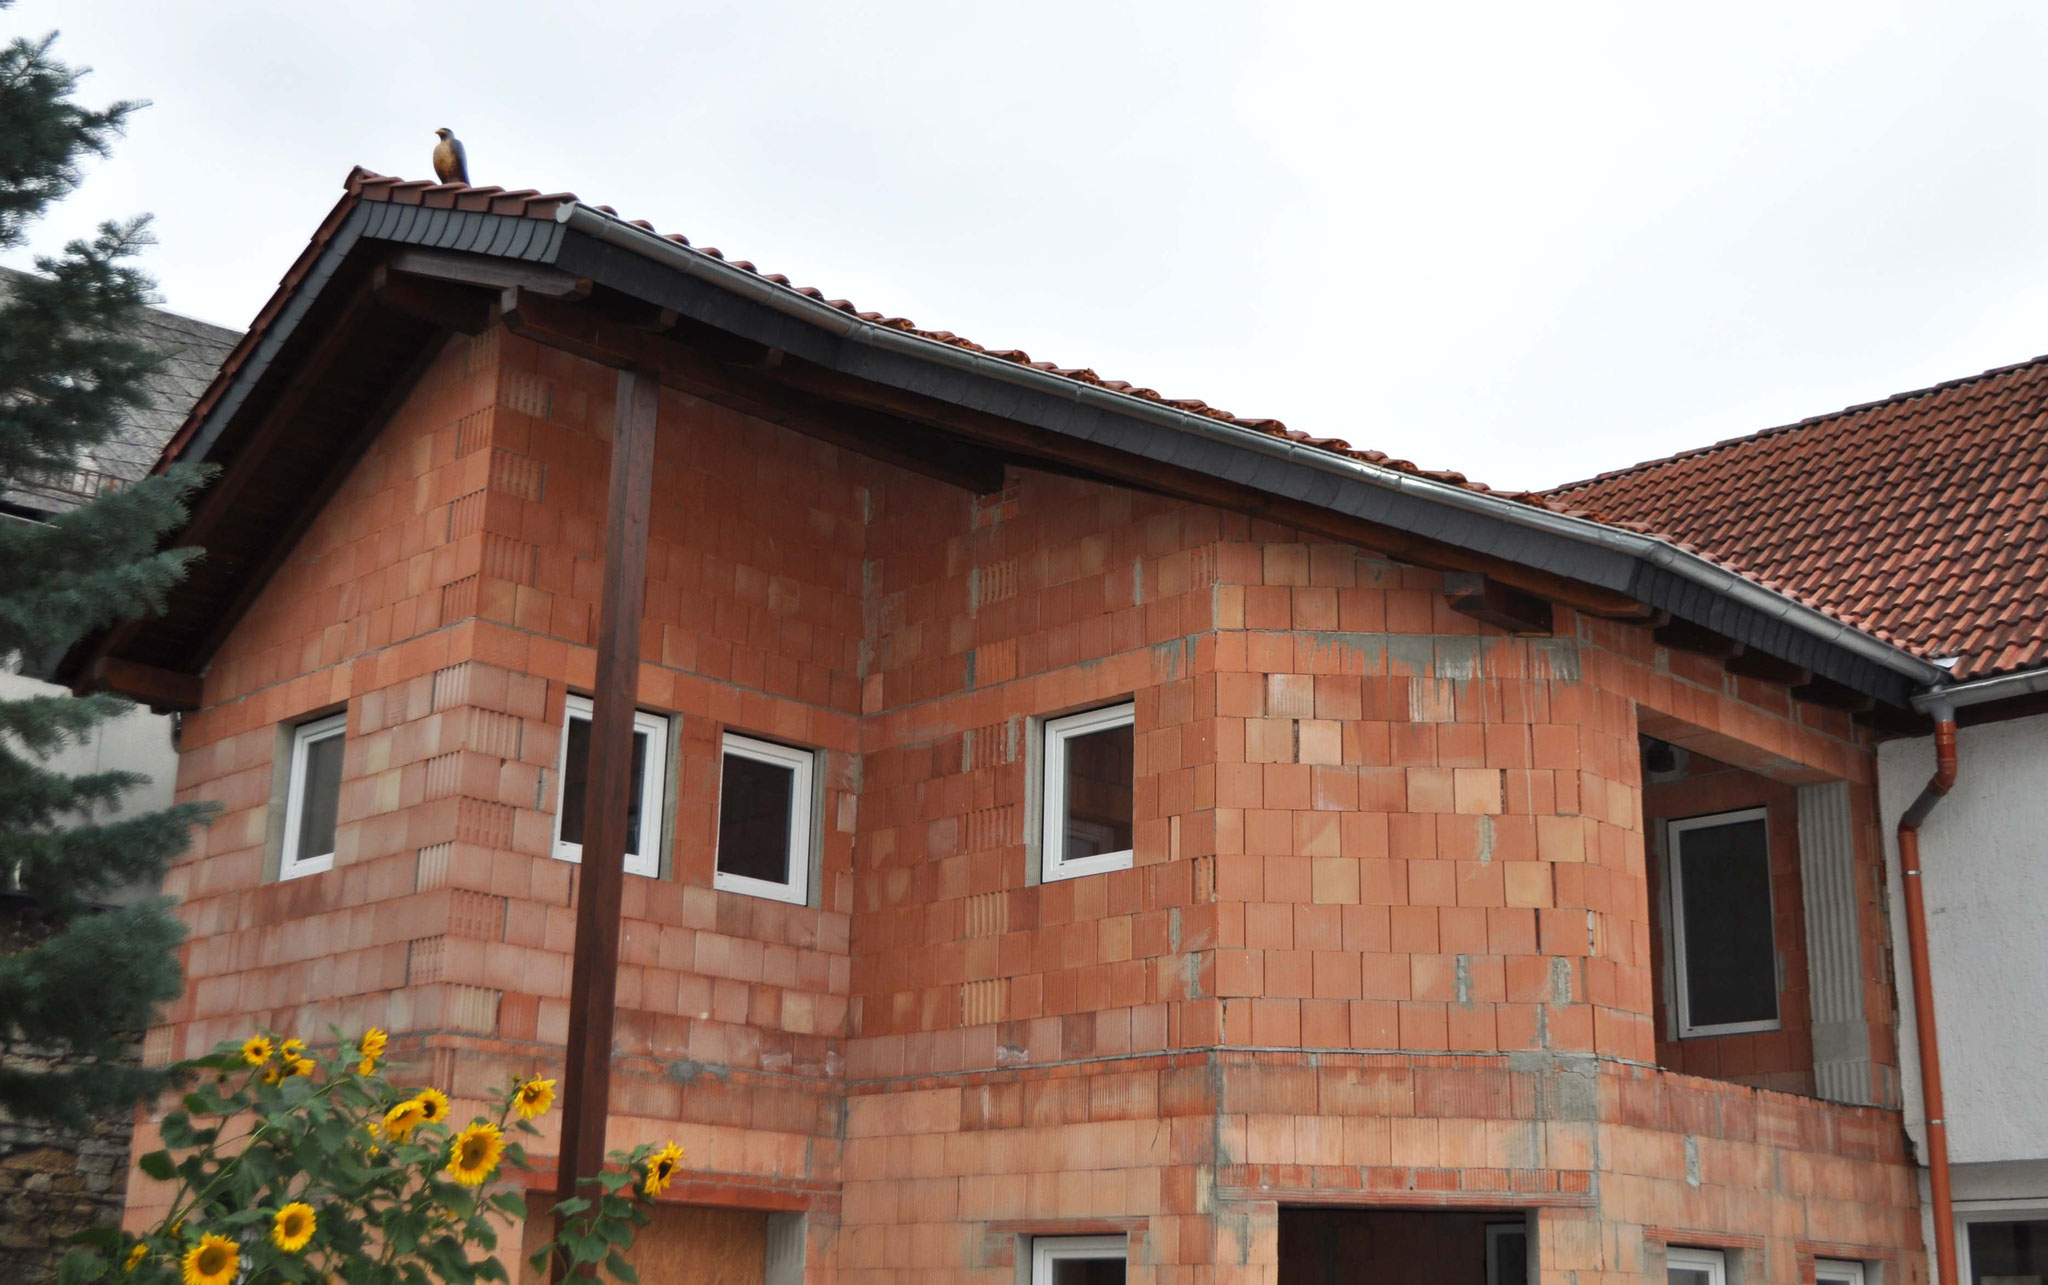 Dachstuhl, sichtbar mit Aufspardämmung